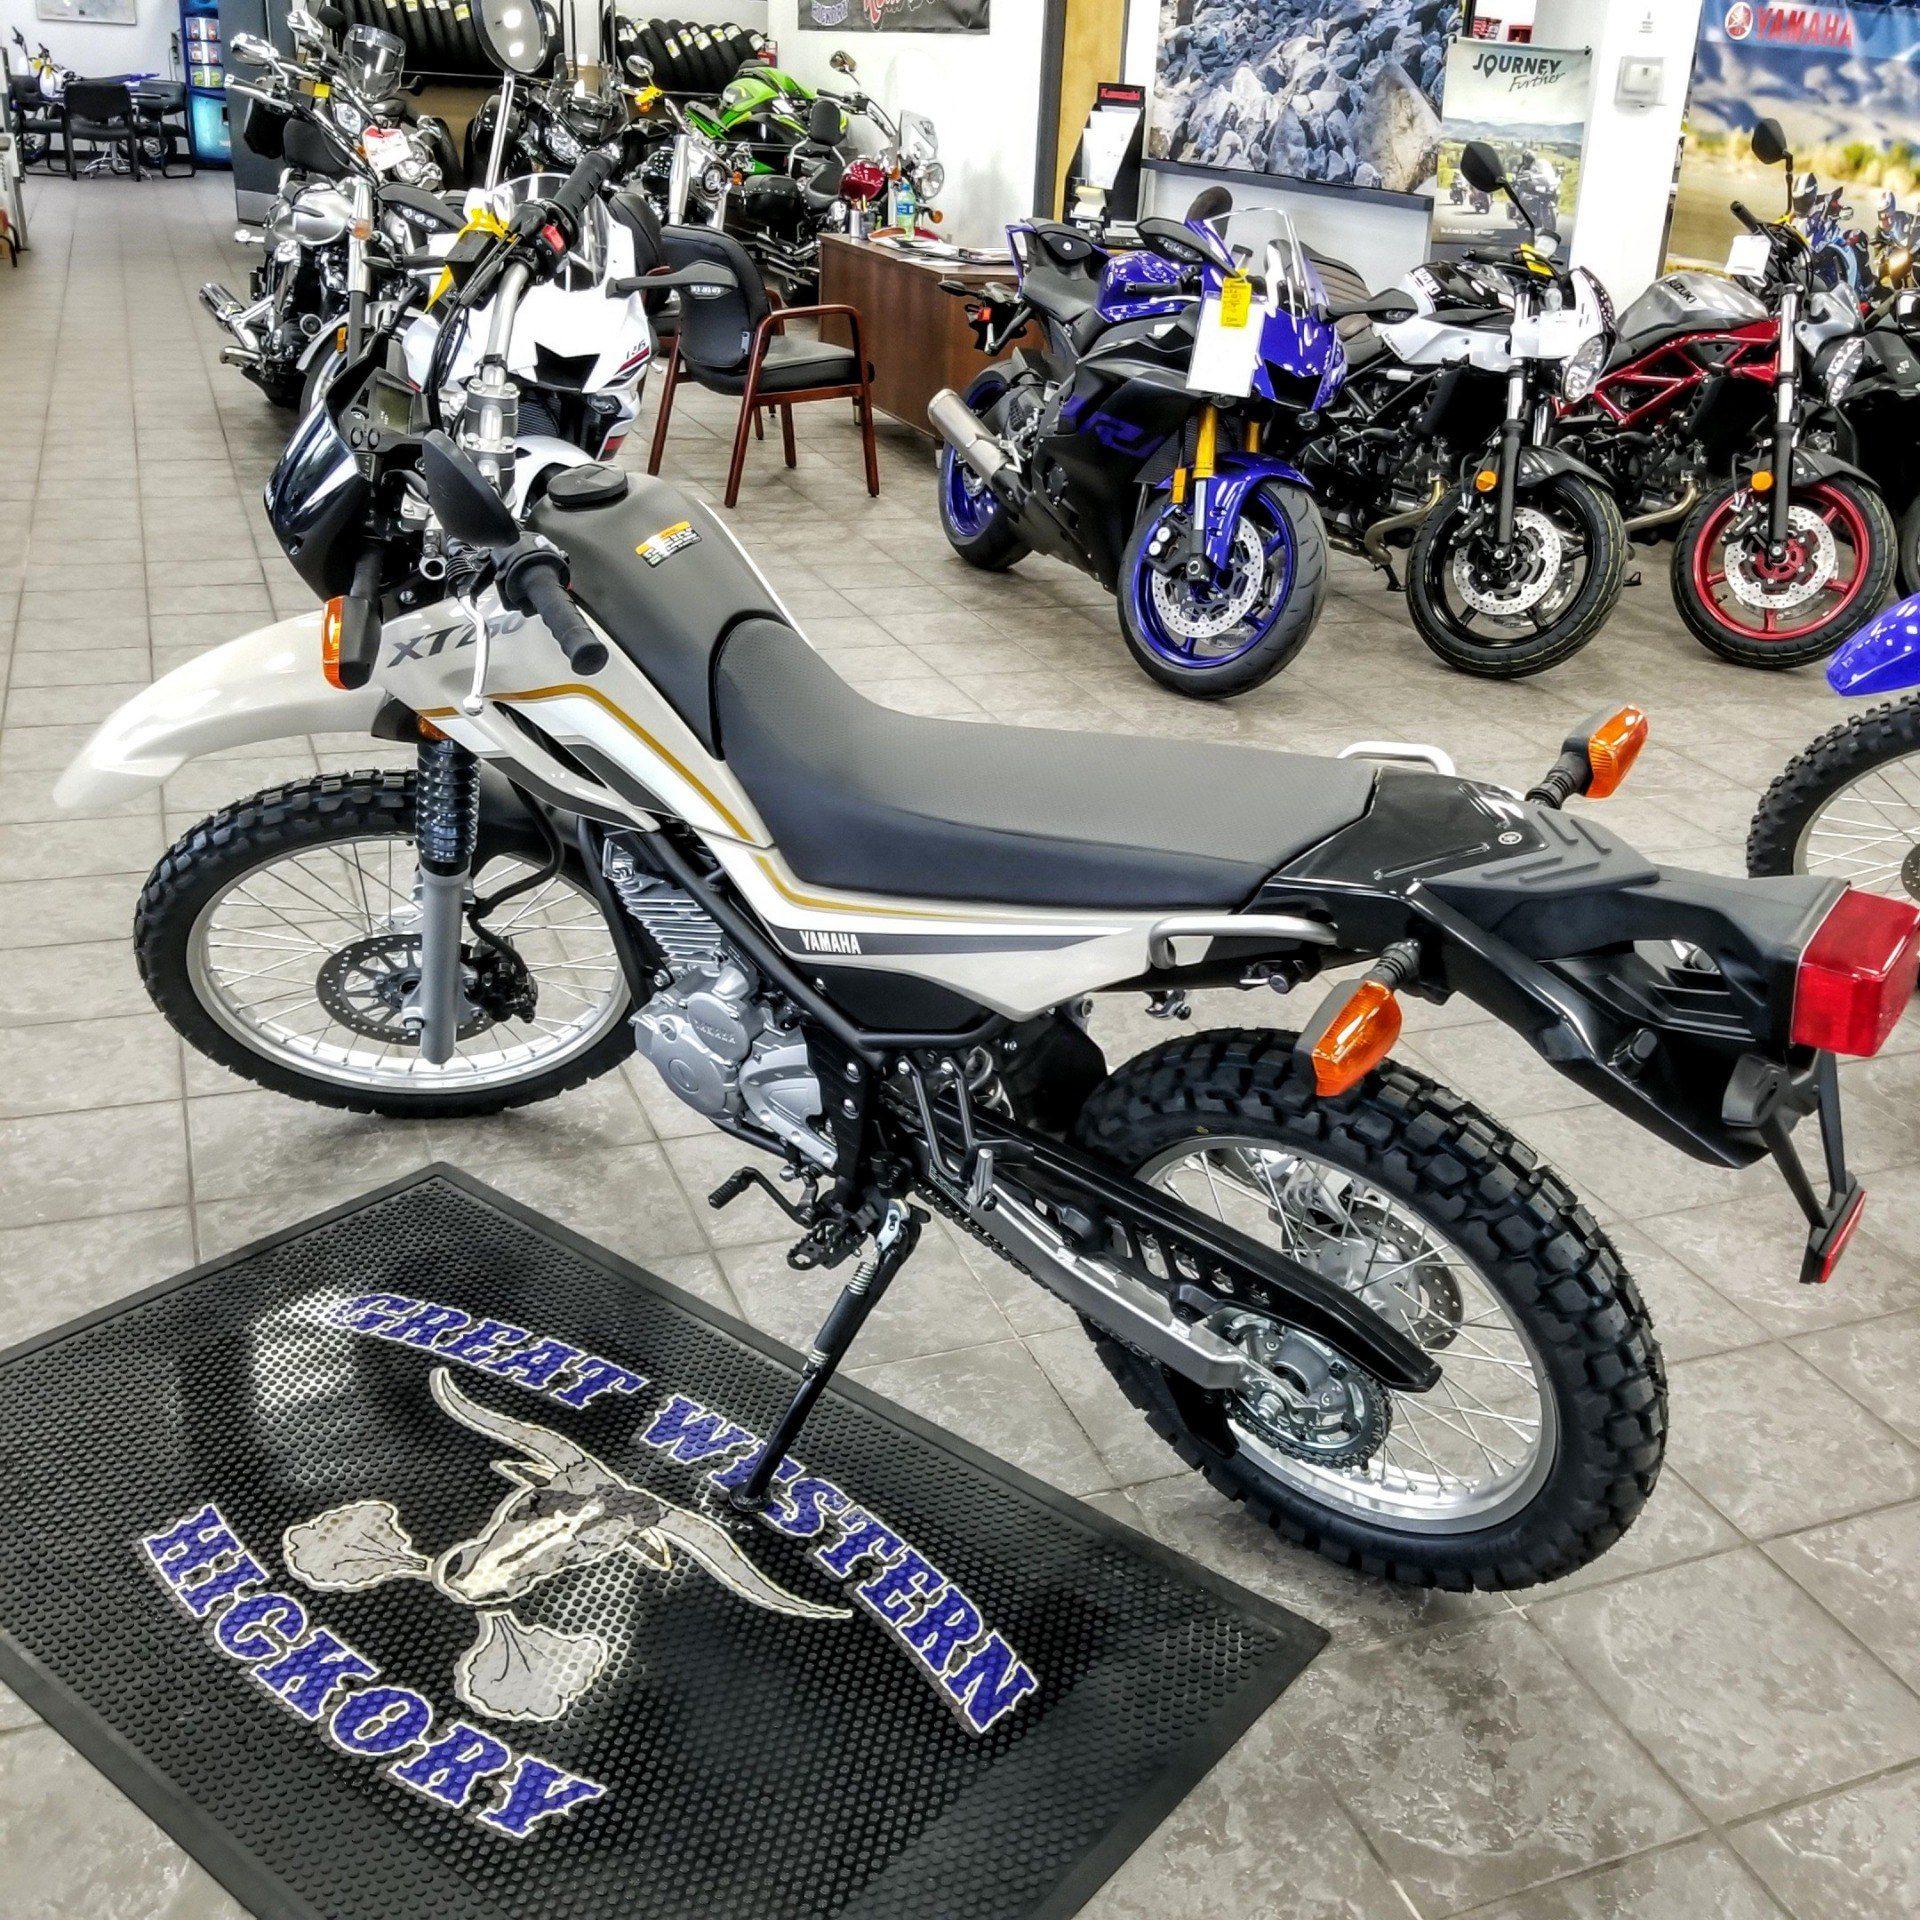 2019 Yamaha XT250 in Hickory, North Carolina